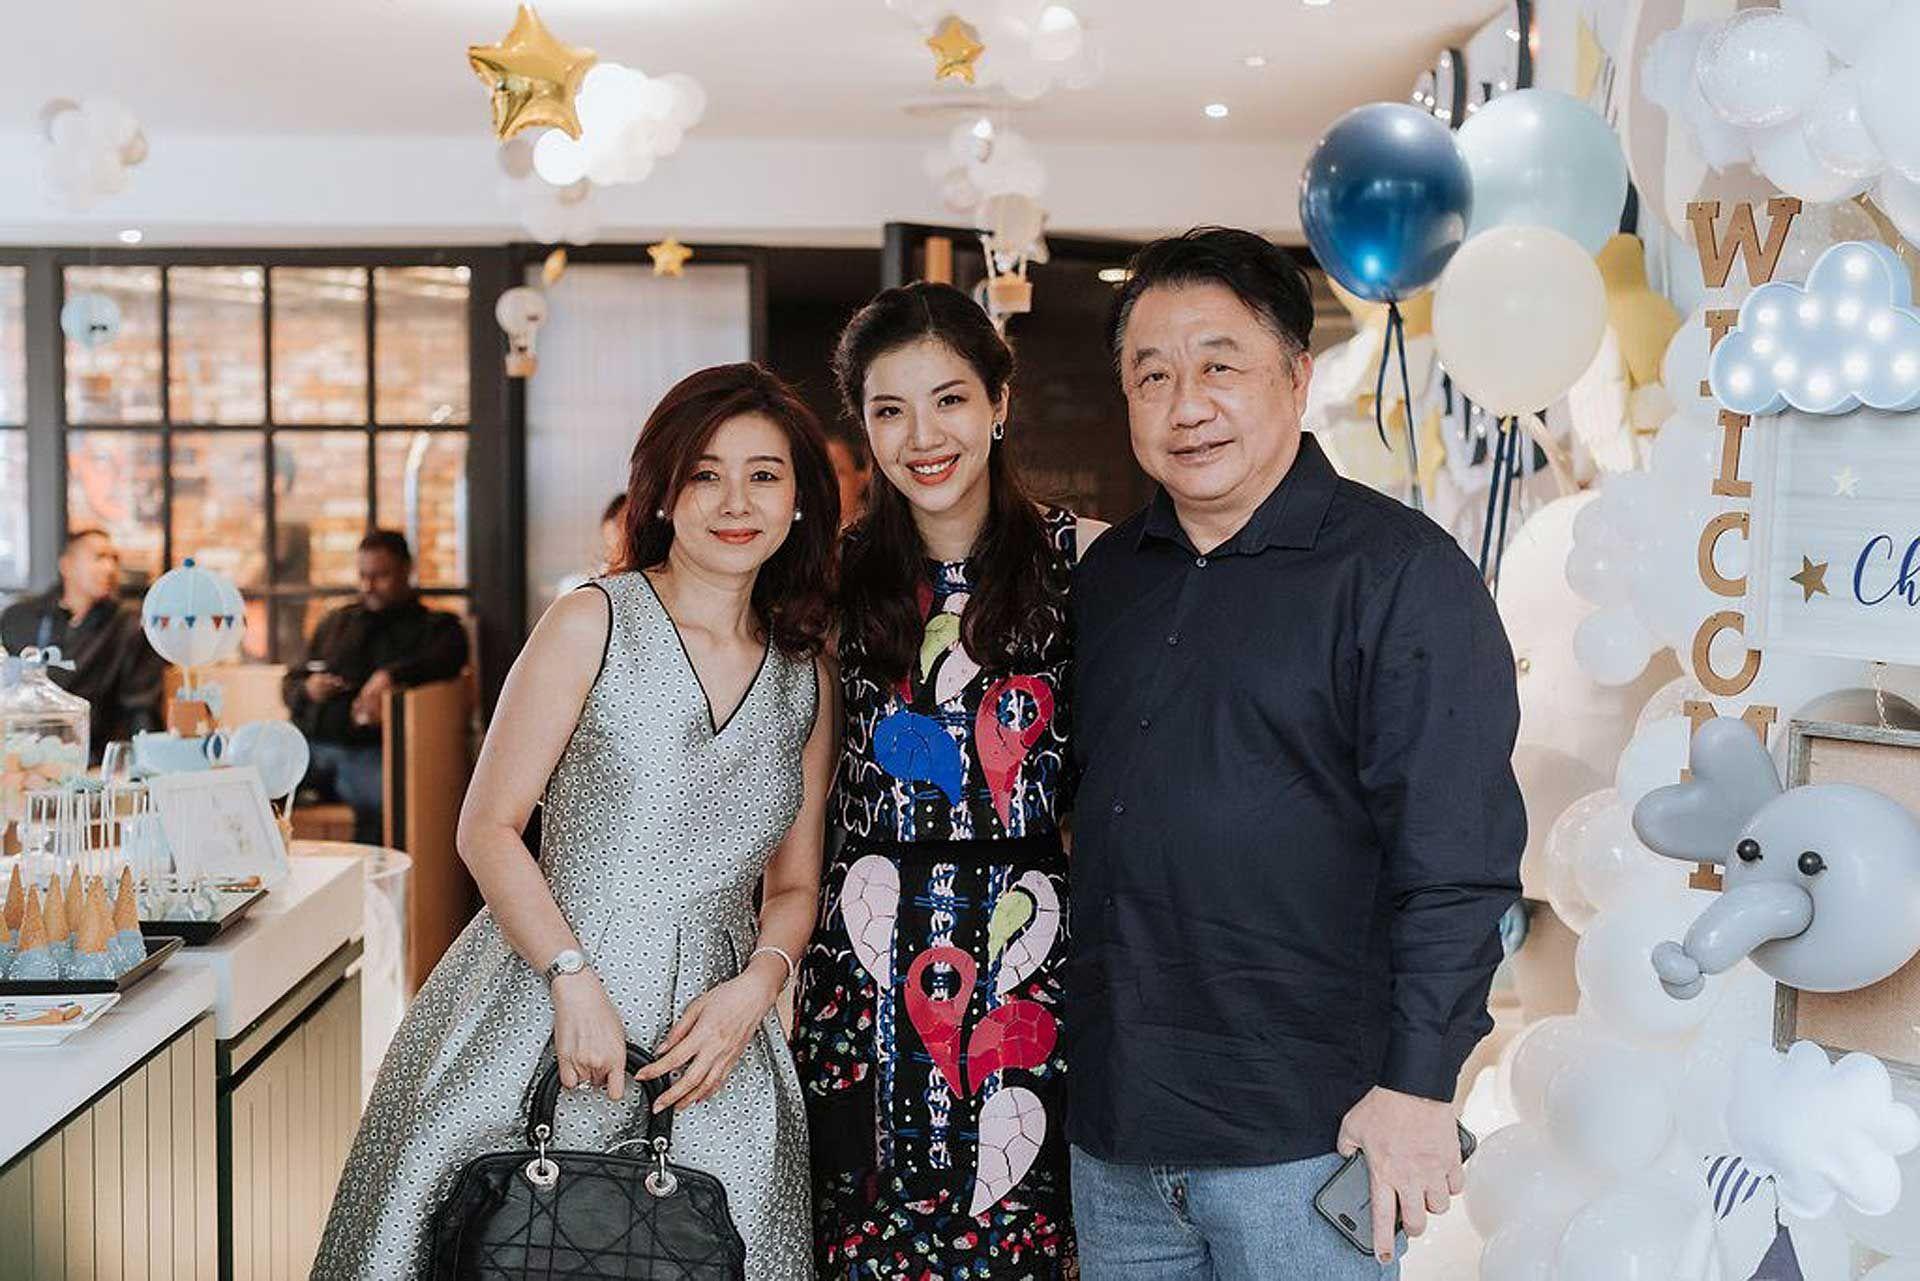 PY Yong, Toh Su-Quinn and Toh Chin Chong